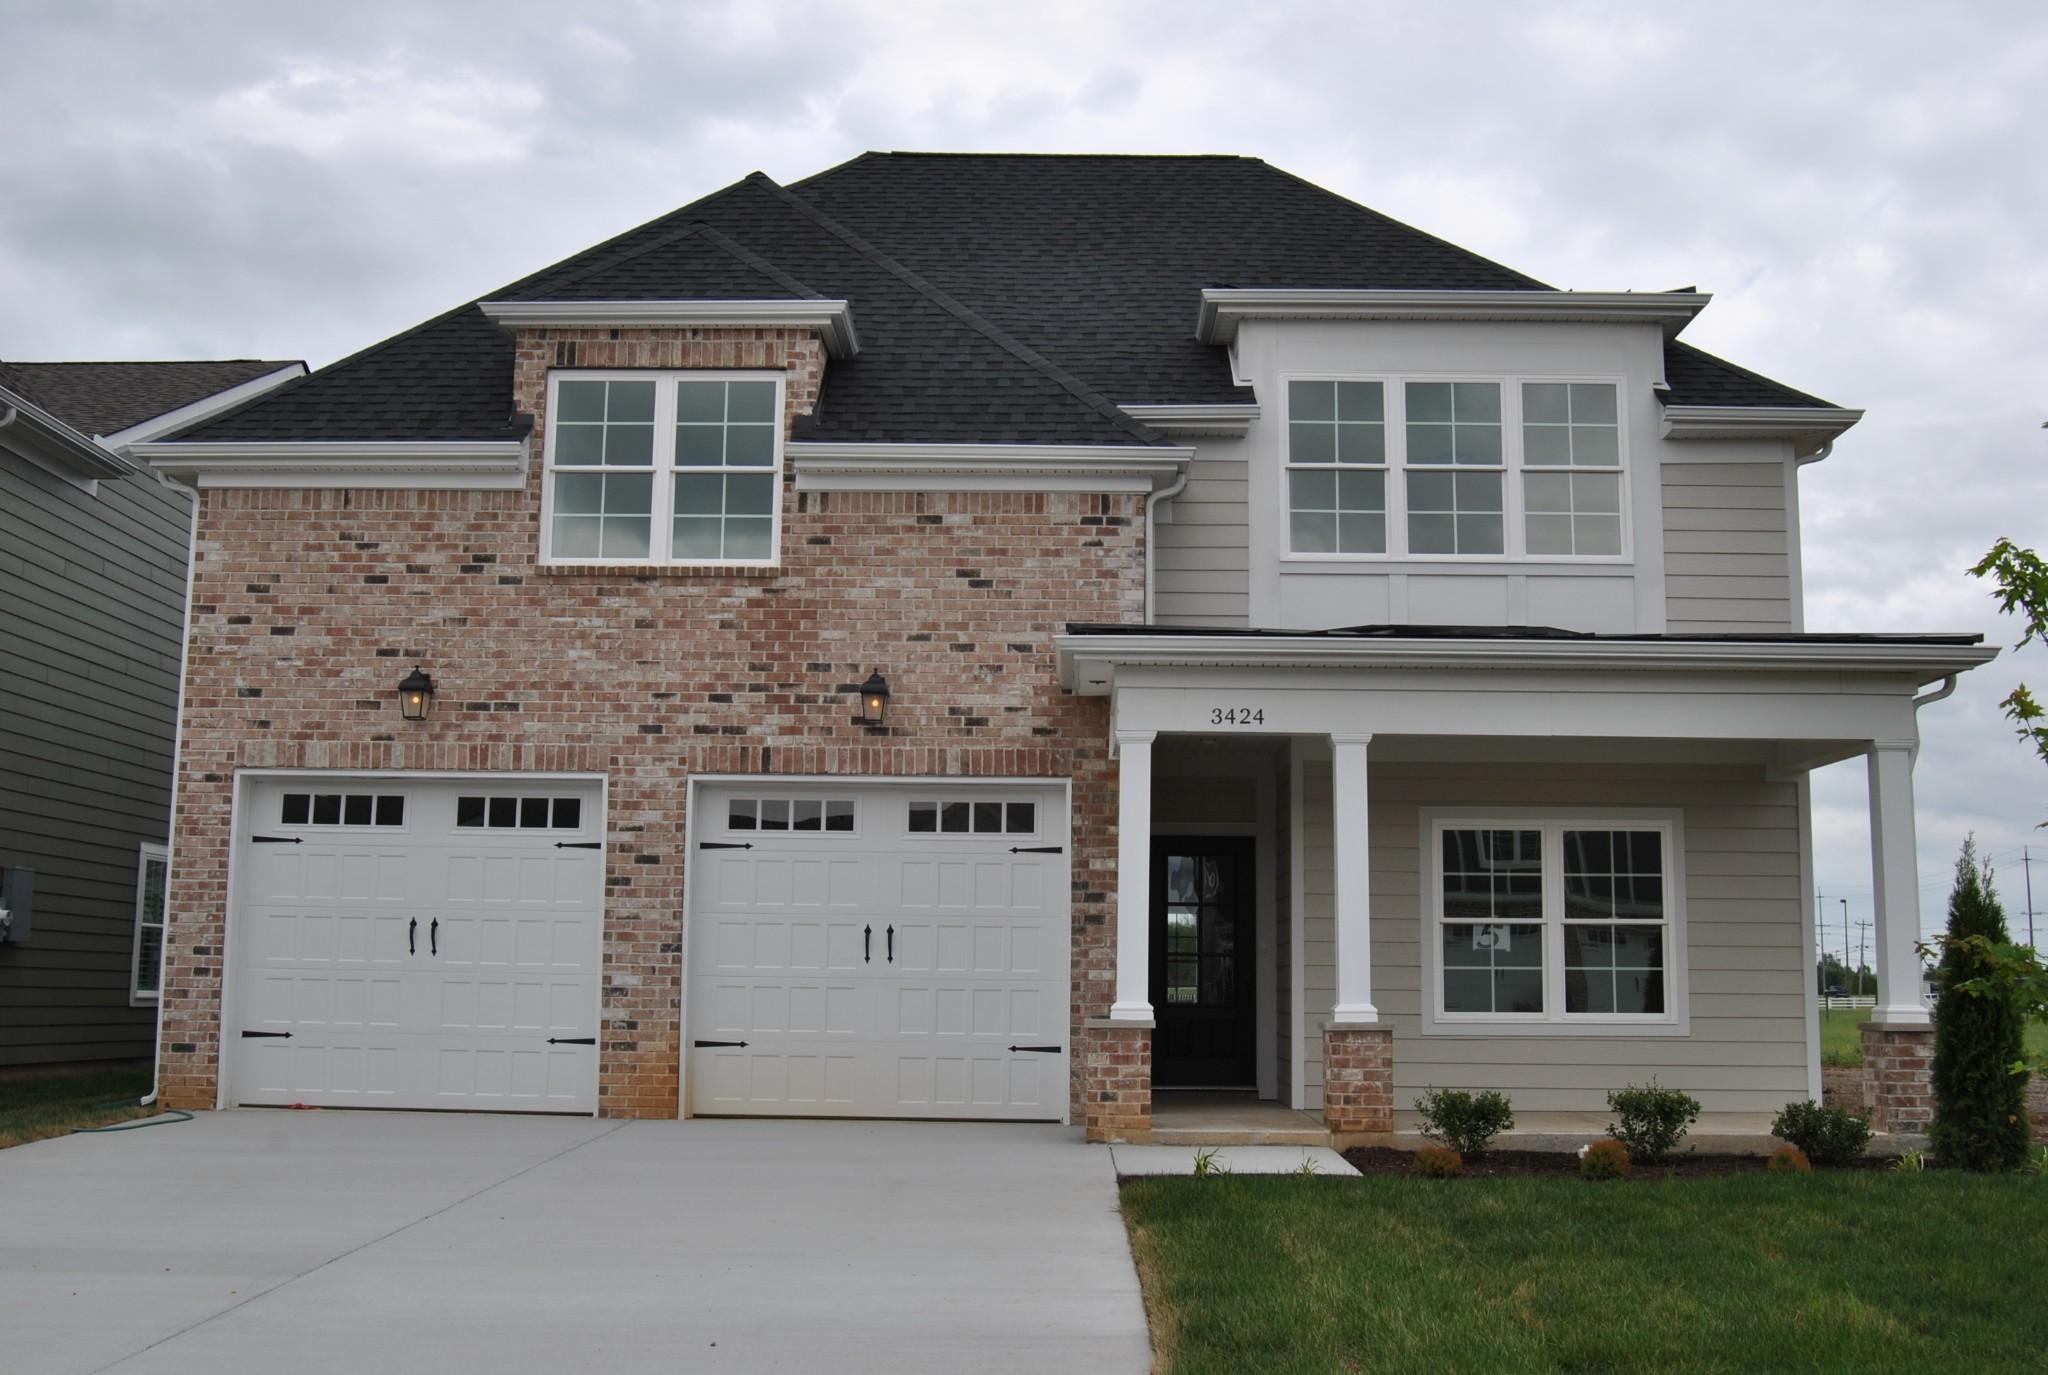 3424 Caroline Farms Drive L5, Murfreesboro, TN 37129 - Murfreesboro, TN real estate listing